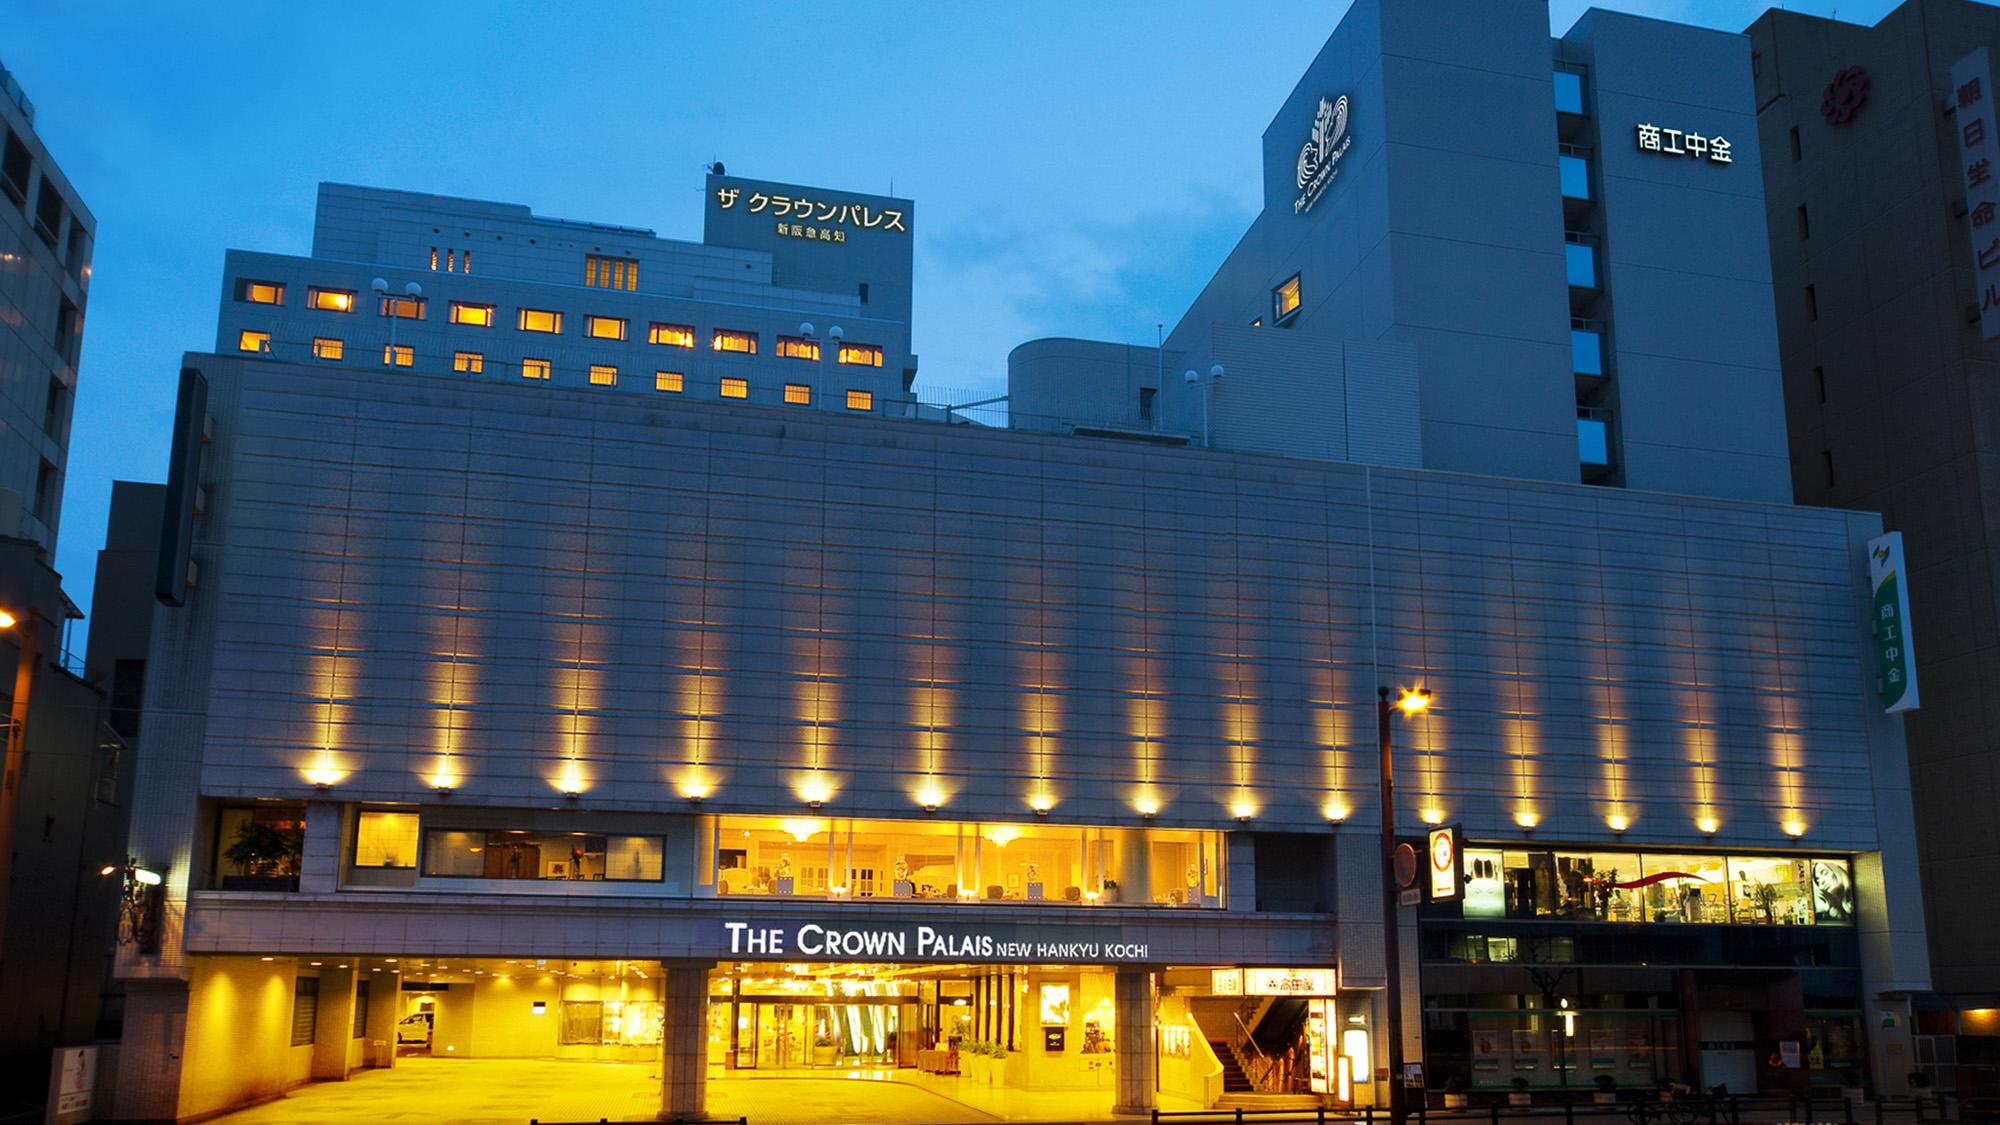 ザ クラウンパレス新阪急高知(旧高知新阪急ホテル)...